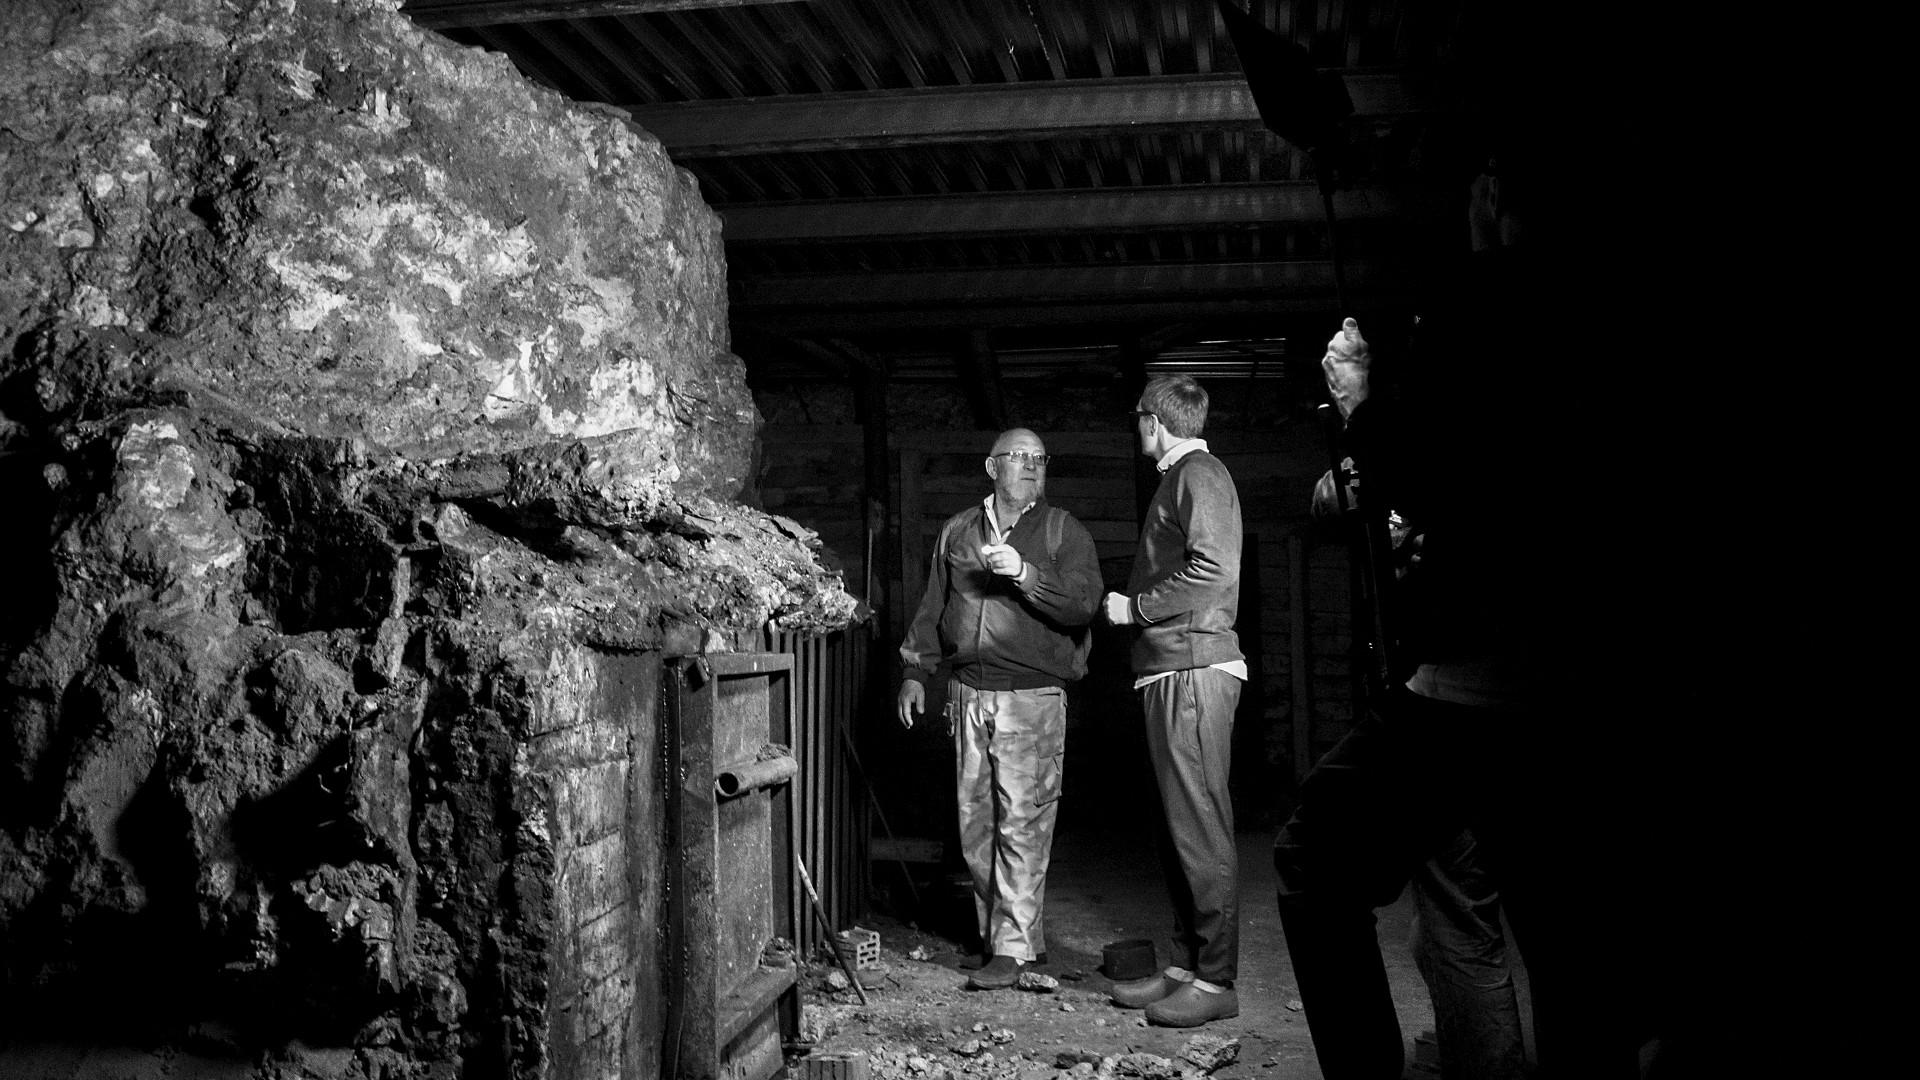 Alcuni giornalisti sottoterra, nell'enorme complesso sotterraneo su tre piani scavato nei pressi del Cremlino